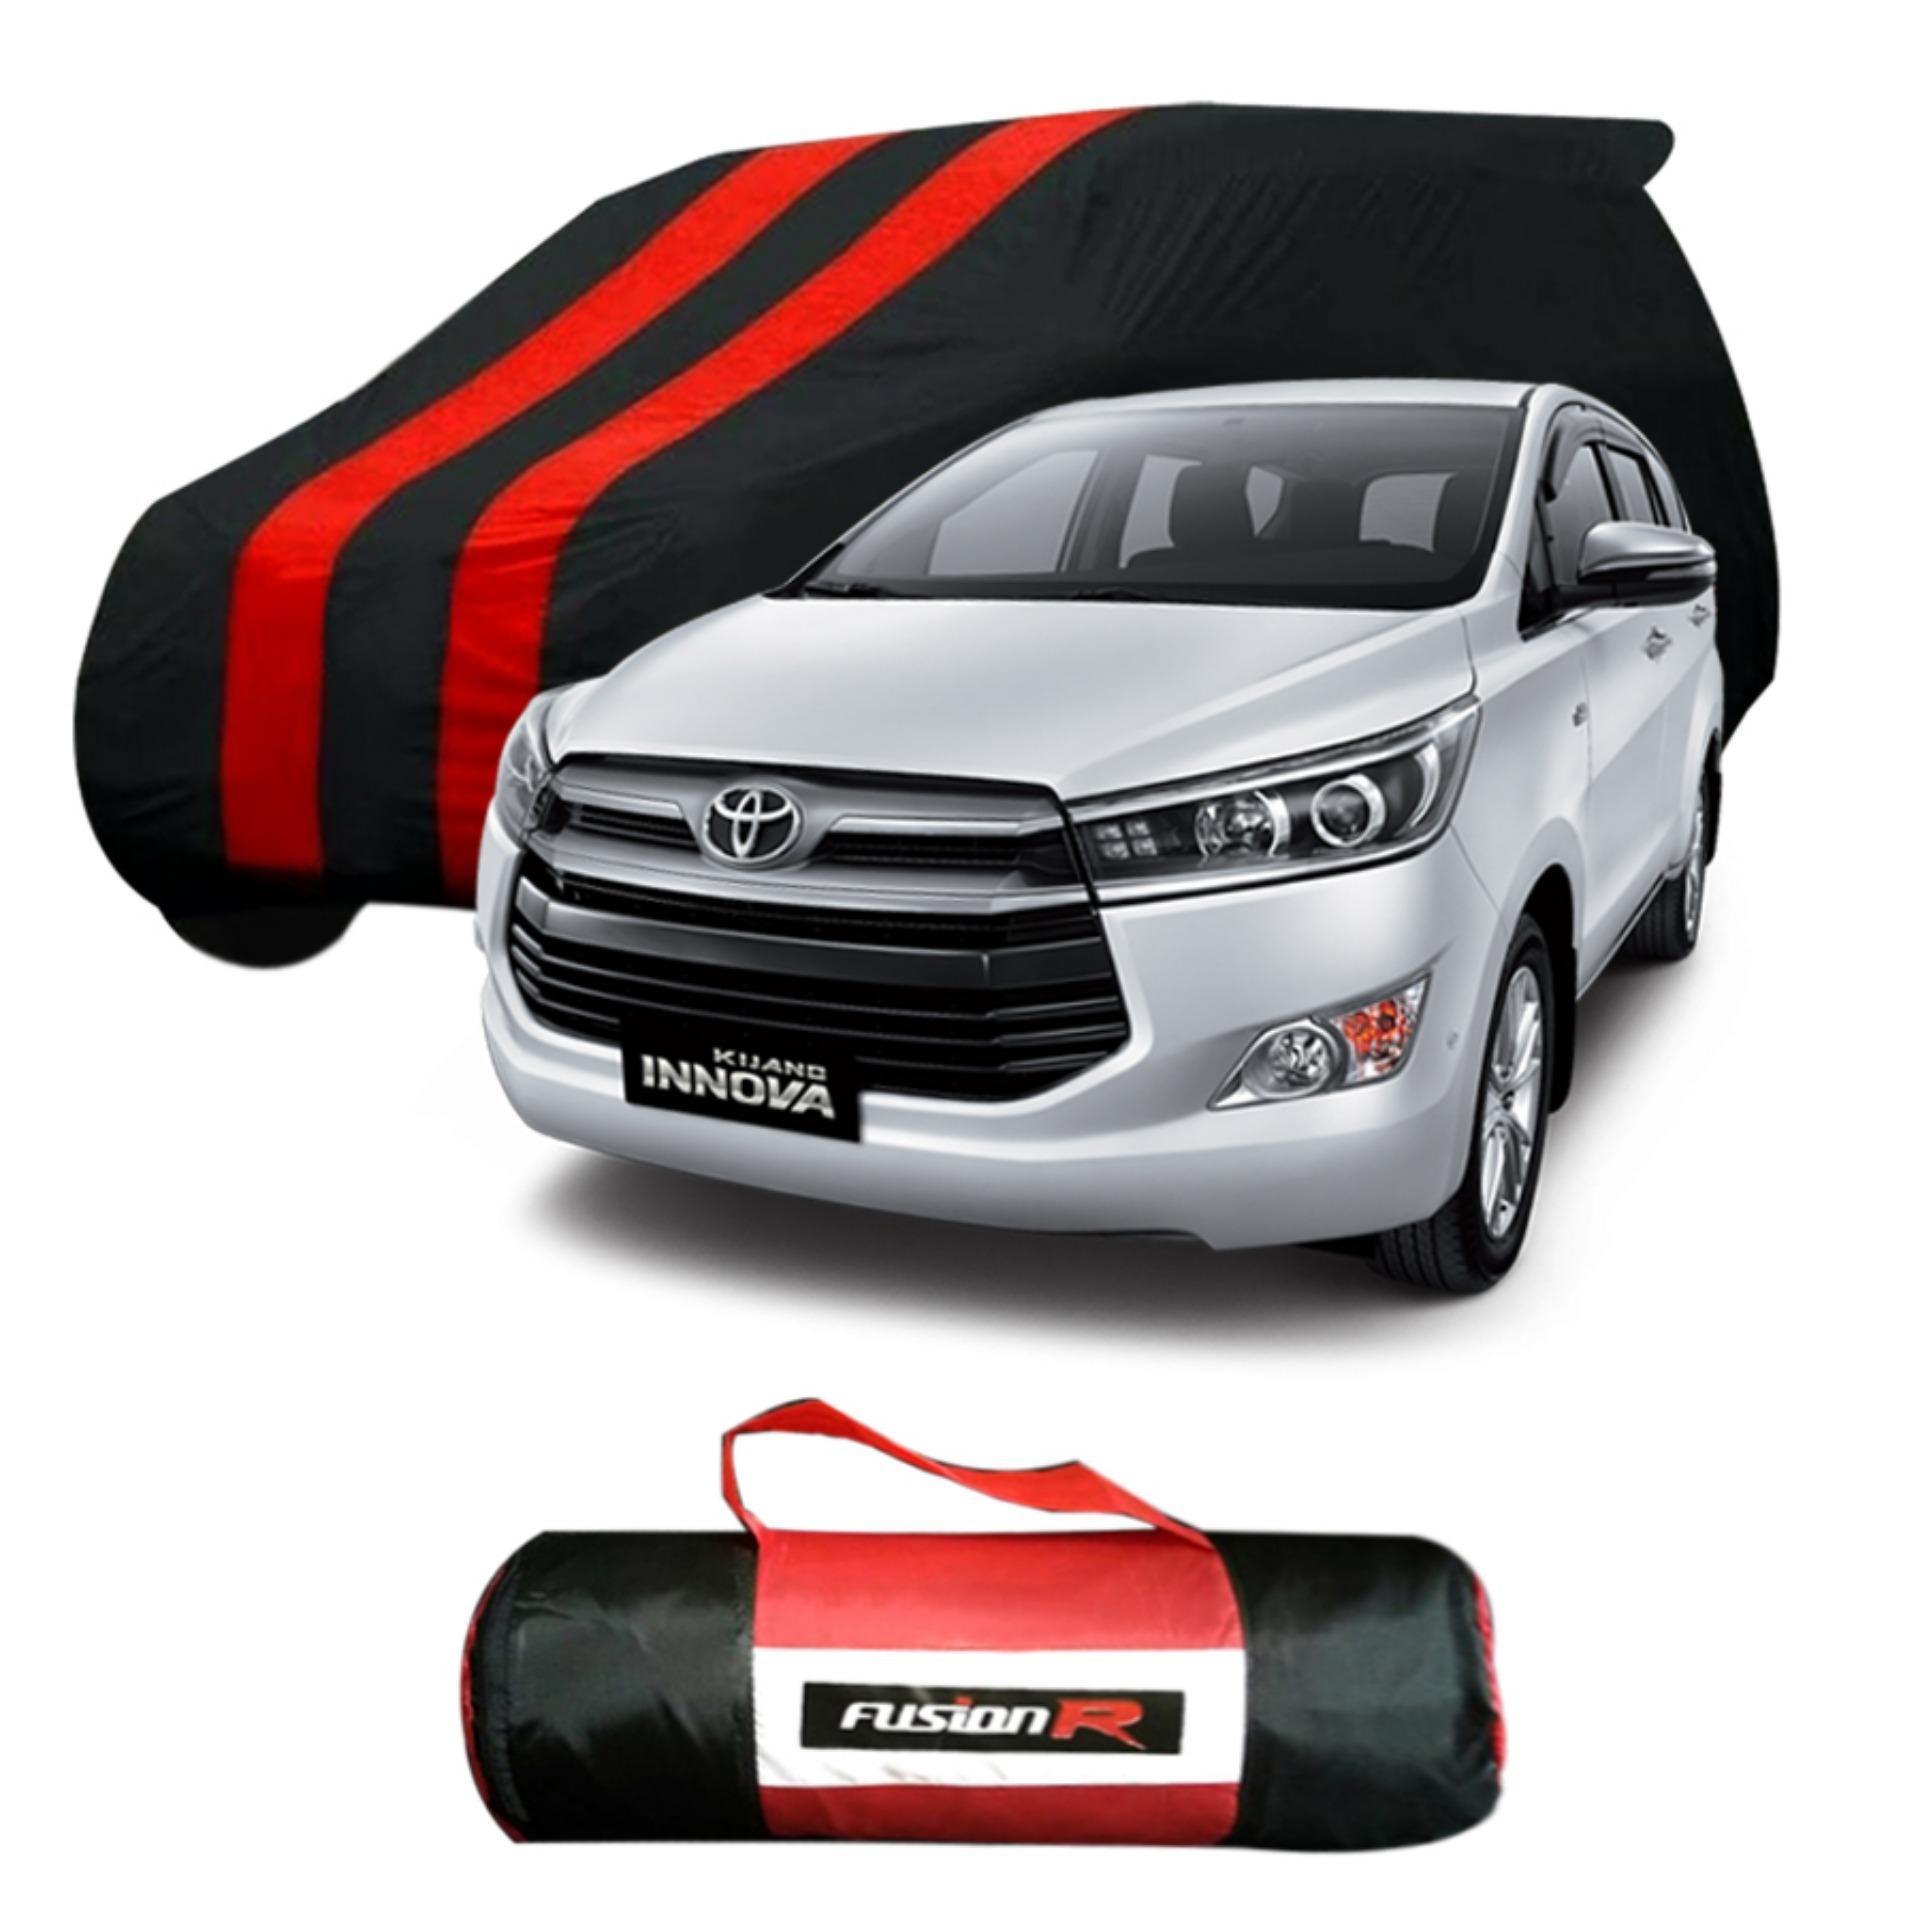 Vanguard Body Cover Penutup Mobil INNOVA REBORN Merah Hitam Waterproof / Sarung Mobil INNOVA REBORN Premium